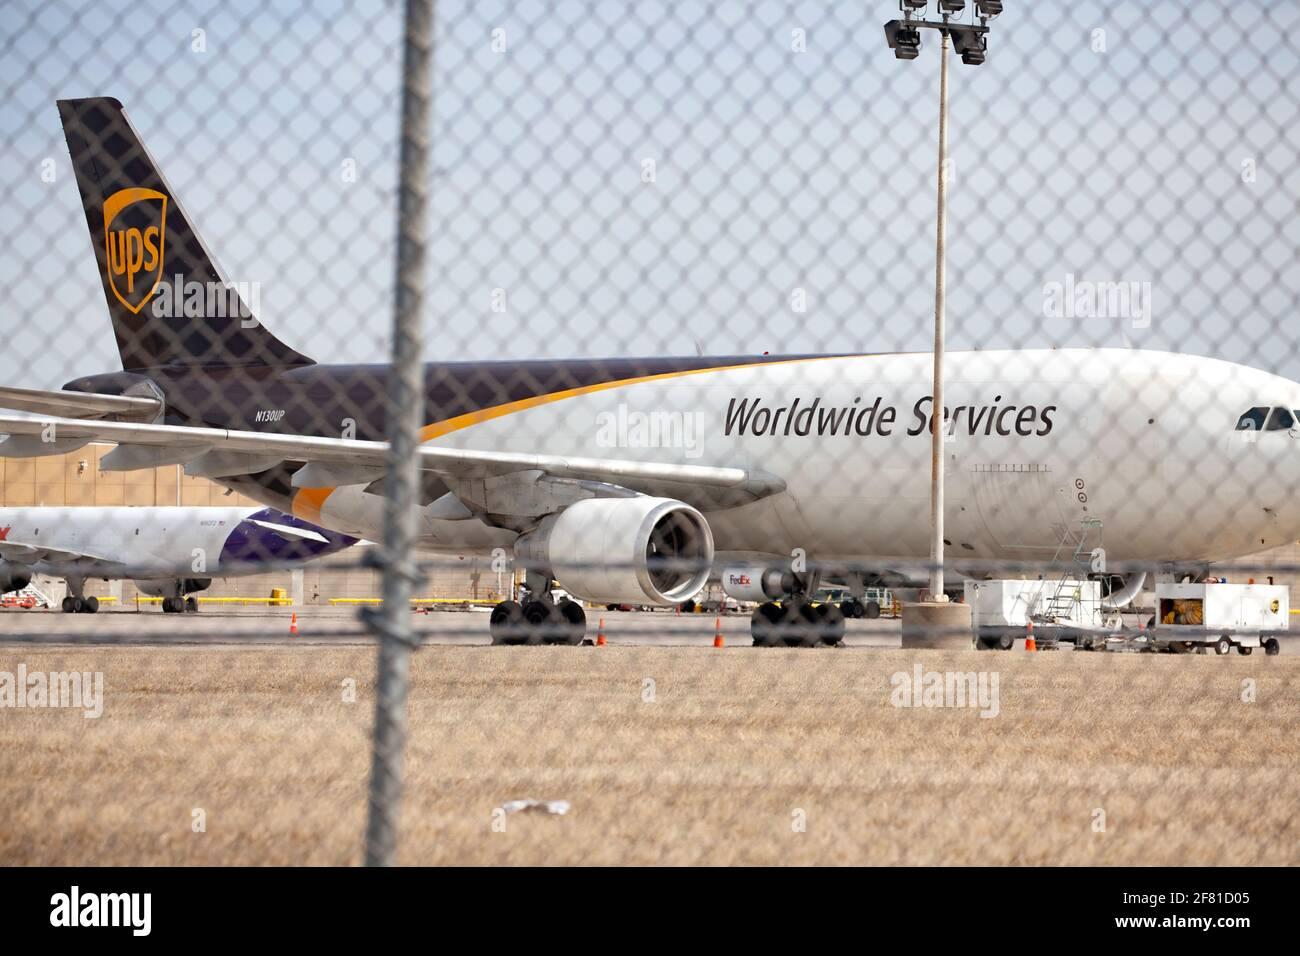 UPS Worldwide Services Airplane parcheggiato in grembiule presso l'aeroporto internazionale St Paul di Minneapolis. Minneapolis, Minnesota, Stati Uniti Foto Stock